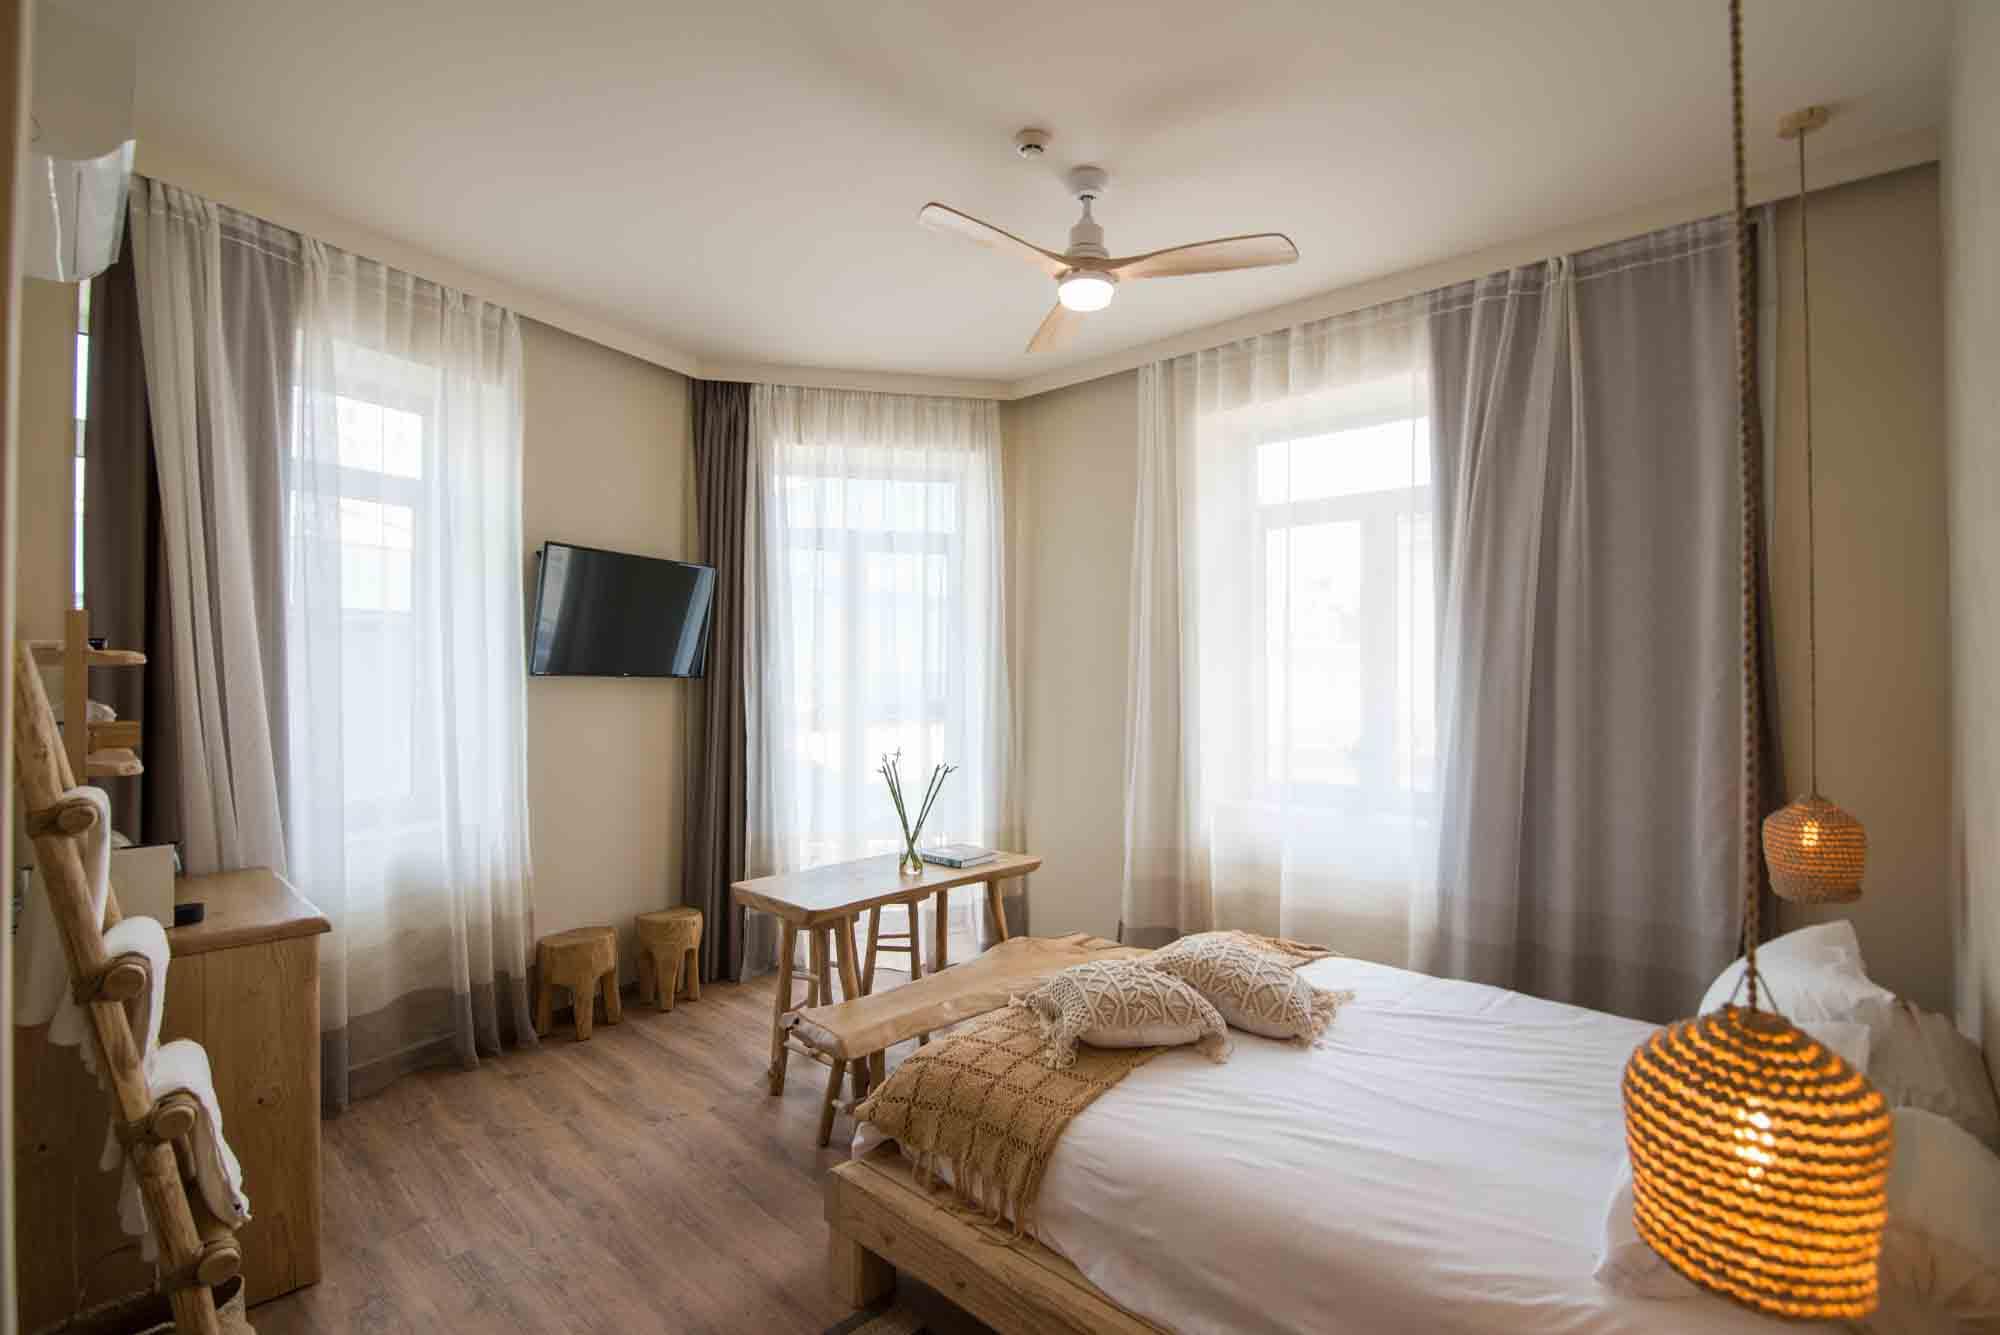 Hotel_room_Smaragda_03